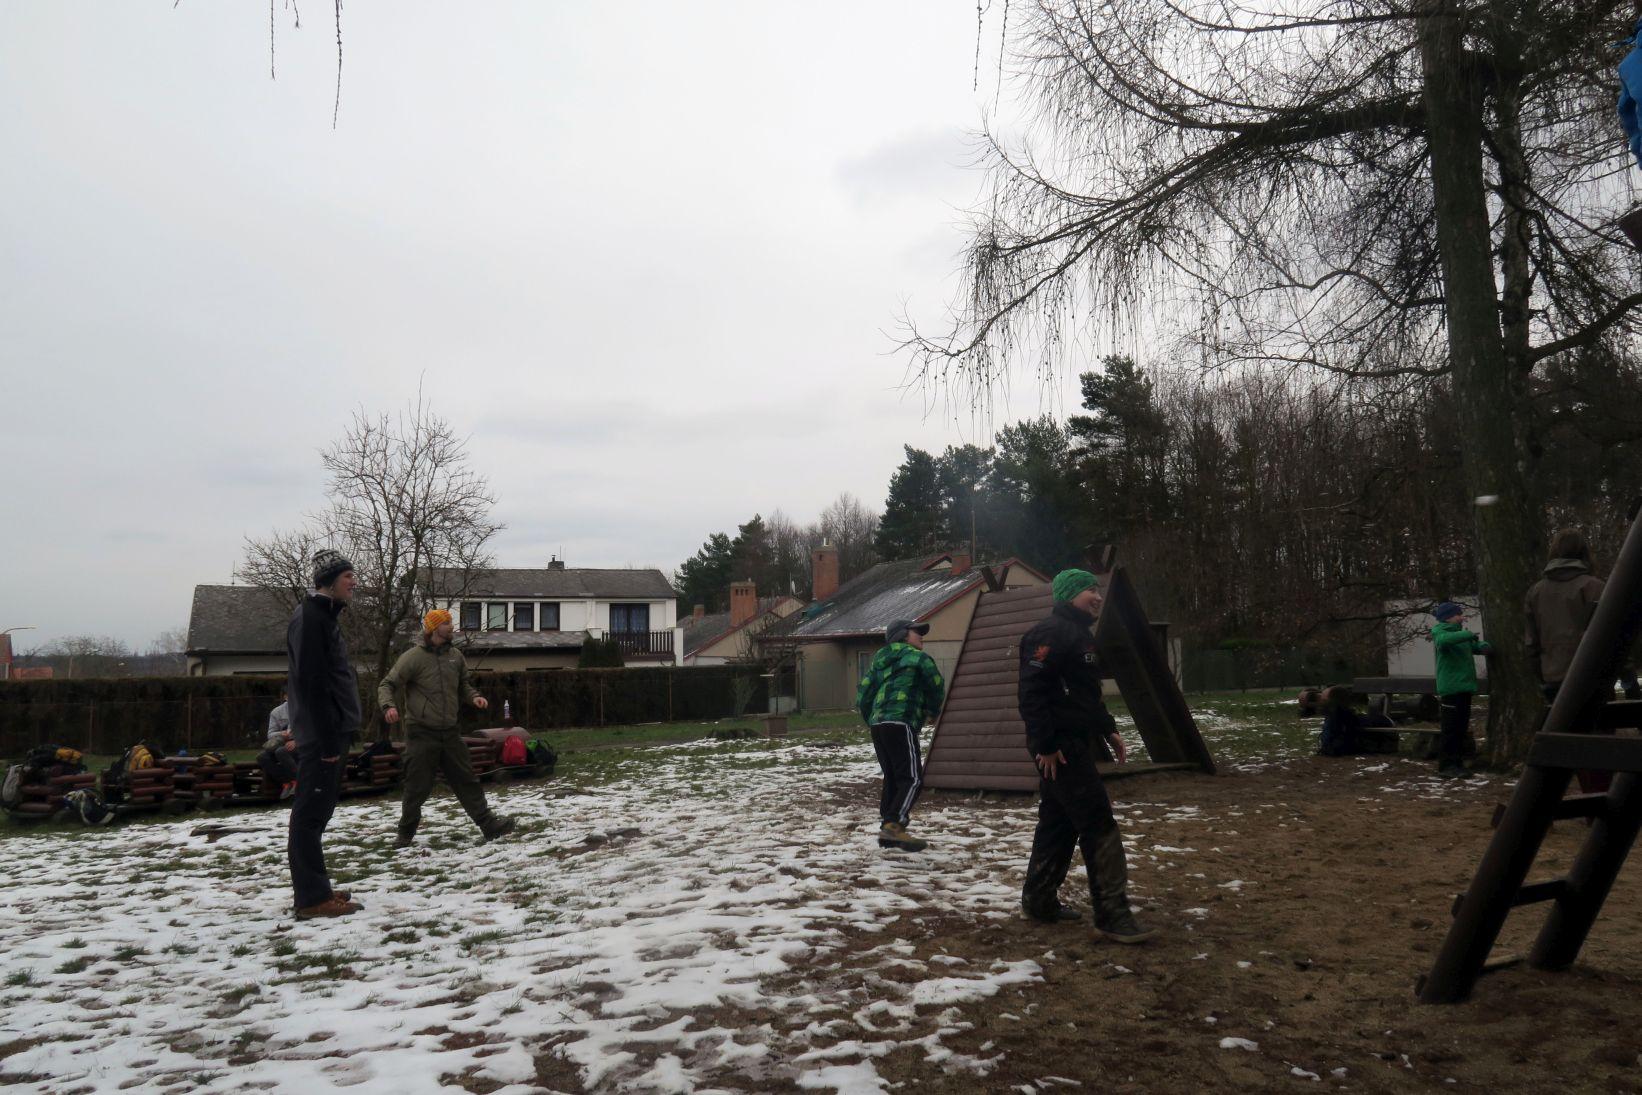 Sněhová bitka se rozjíždí, ale bohužel začíná pršet, takže konec focení